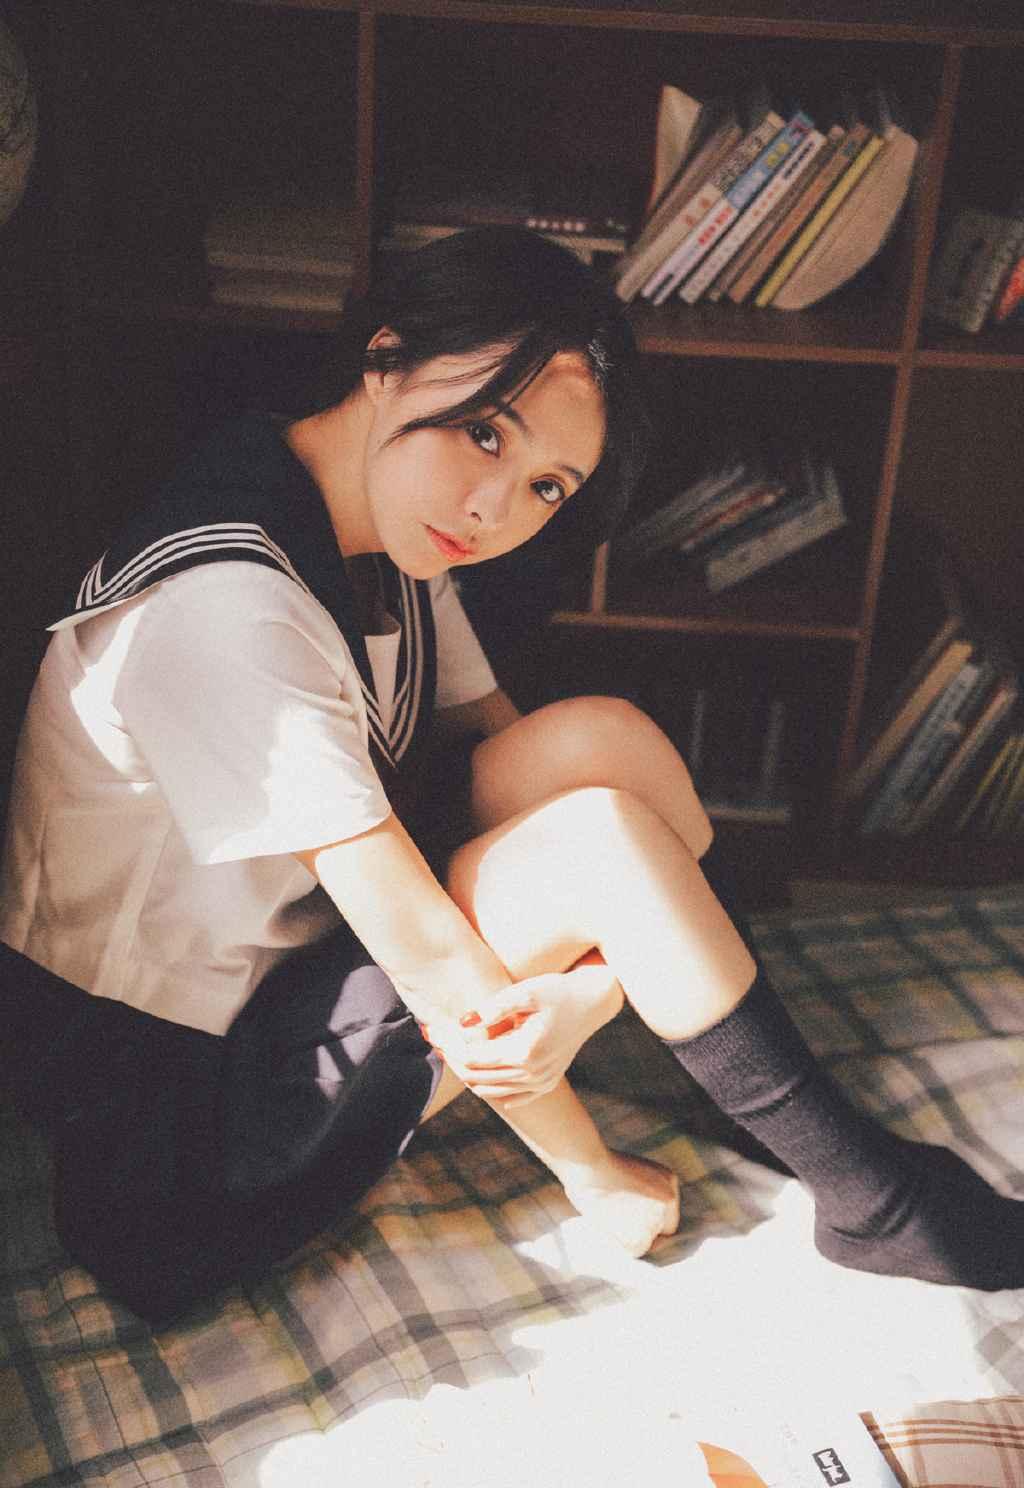 90后清纯jk制服美女柔顺短发迷人电眼生活照写真